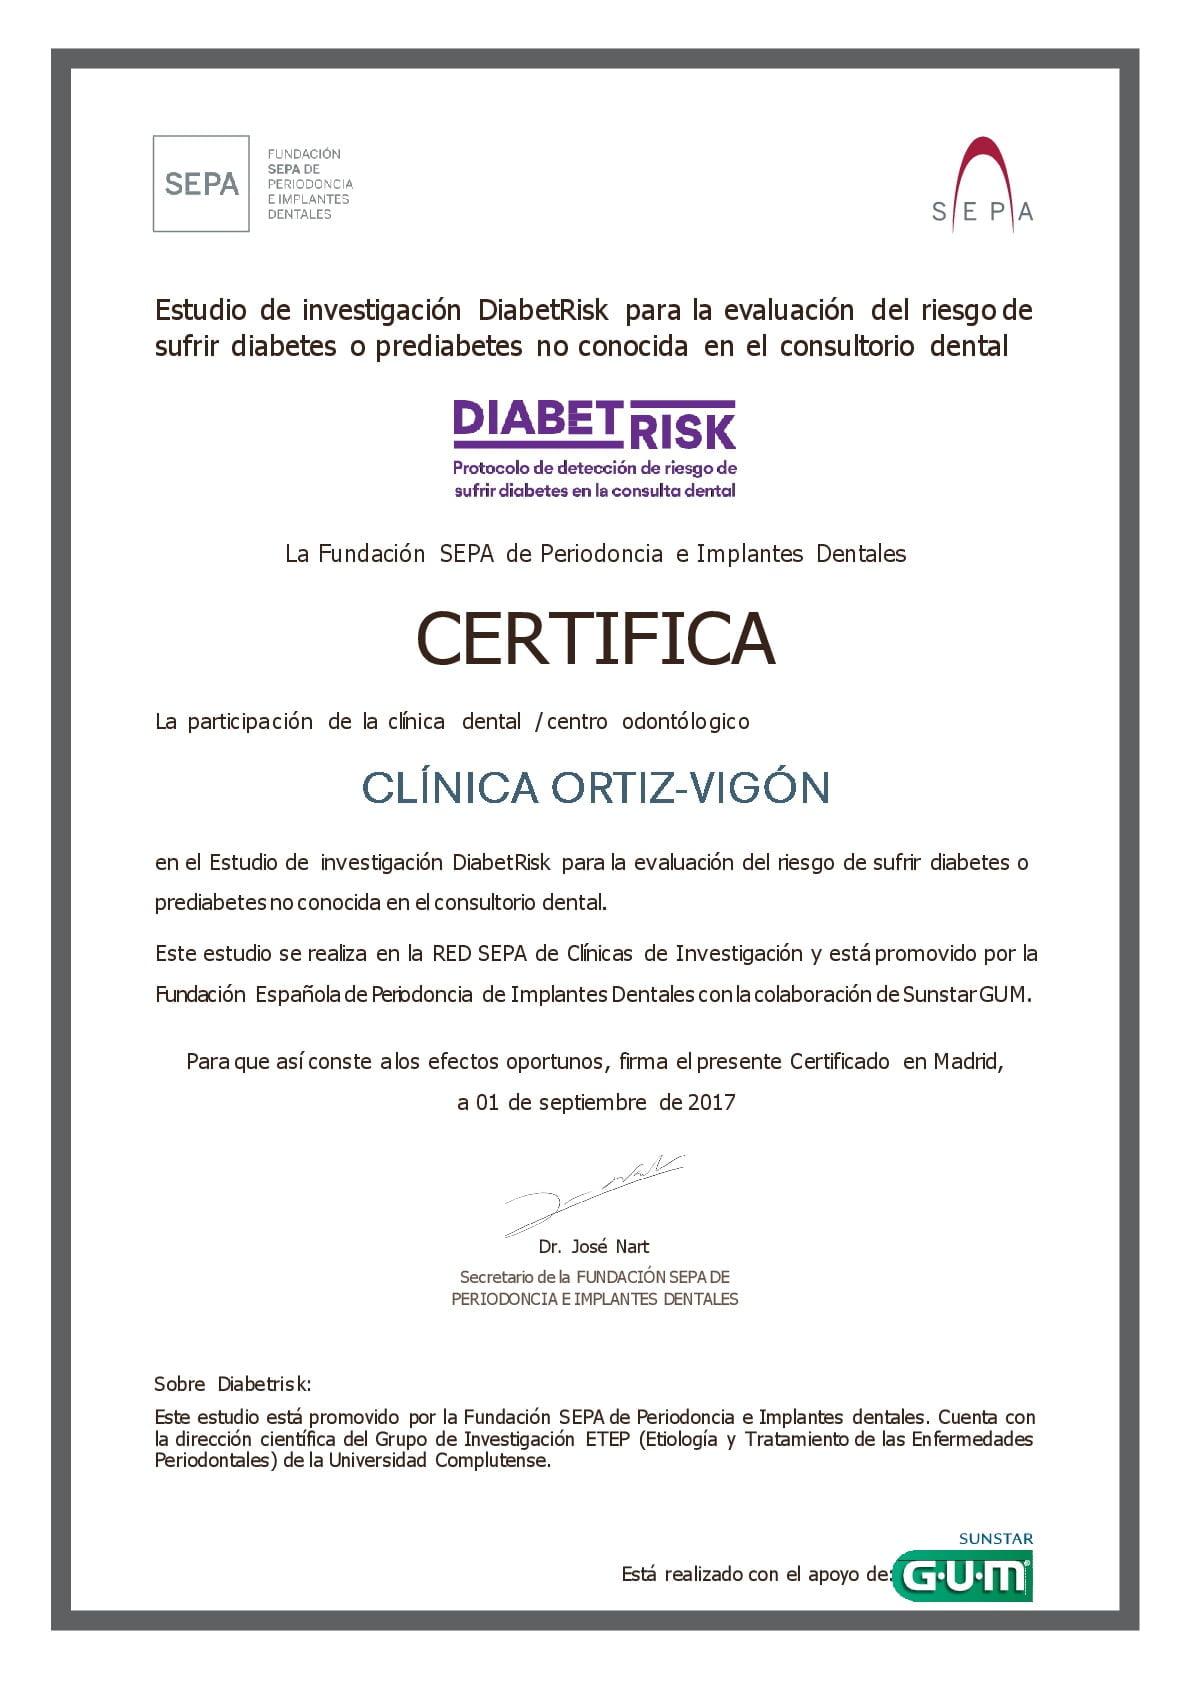 Certificado DIABETRISK, estudio para la deteciión precoz de la diabetes